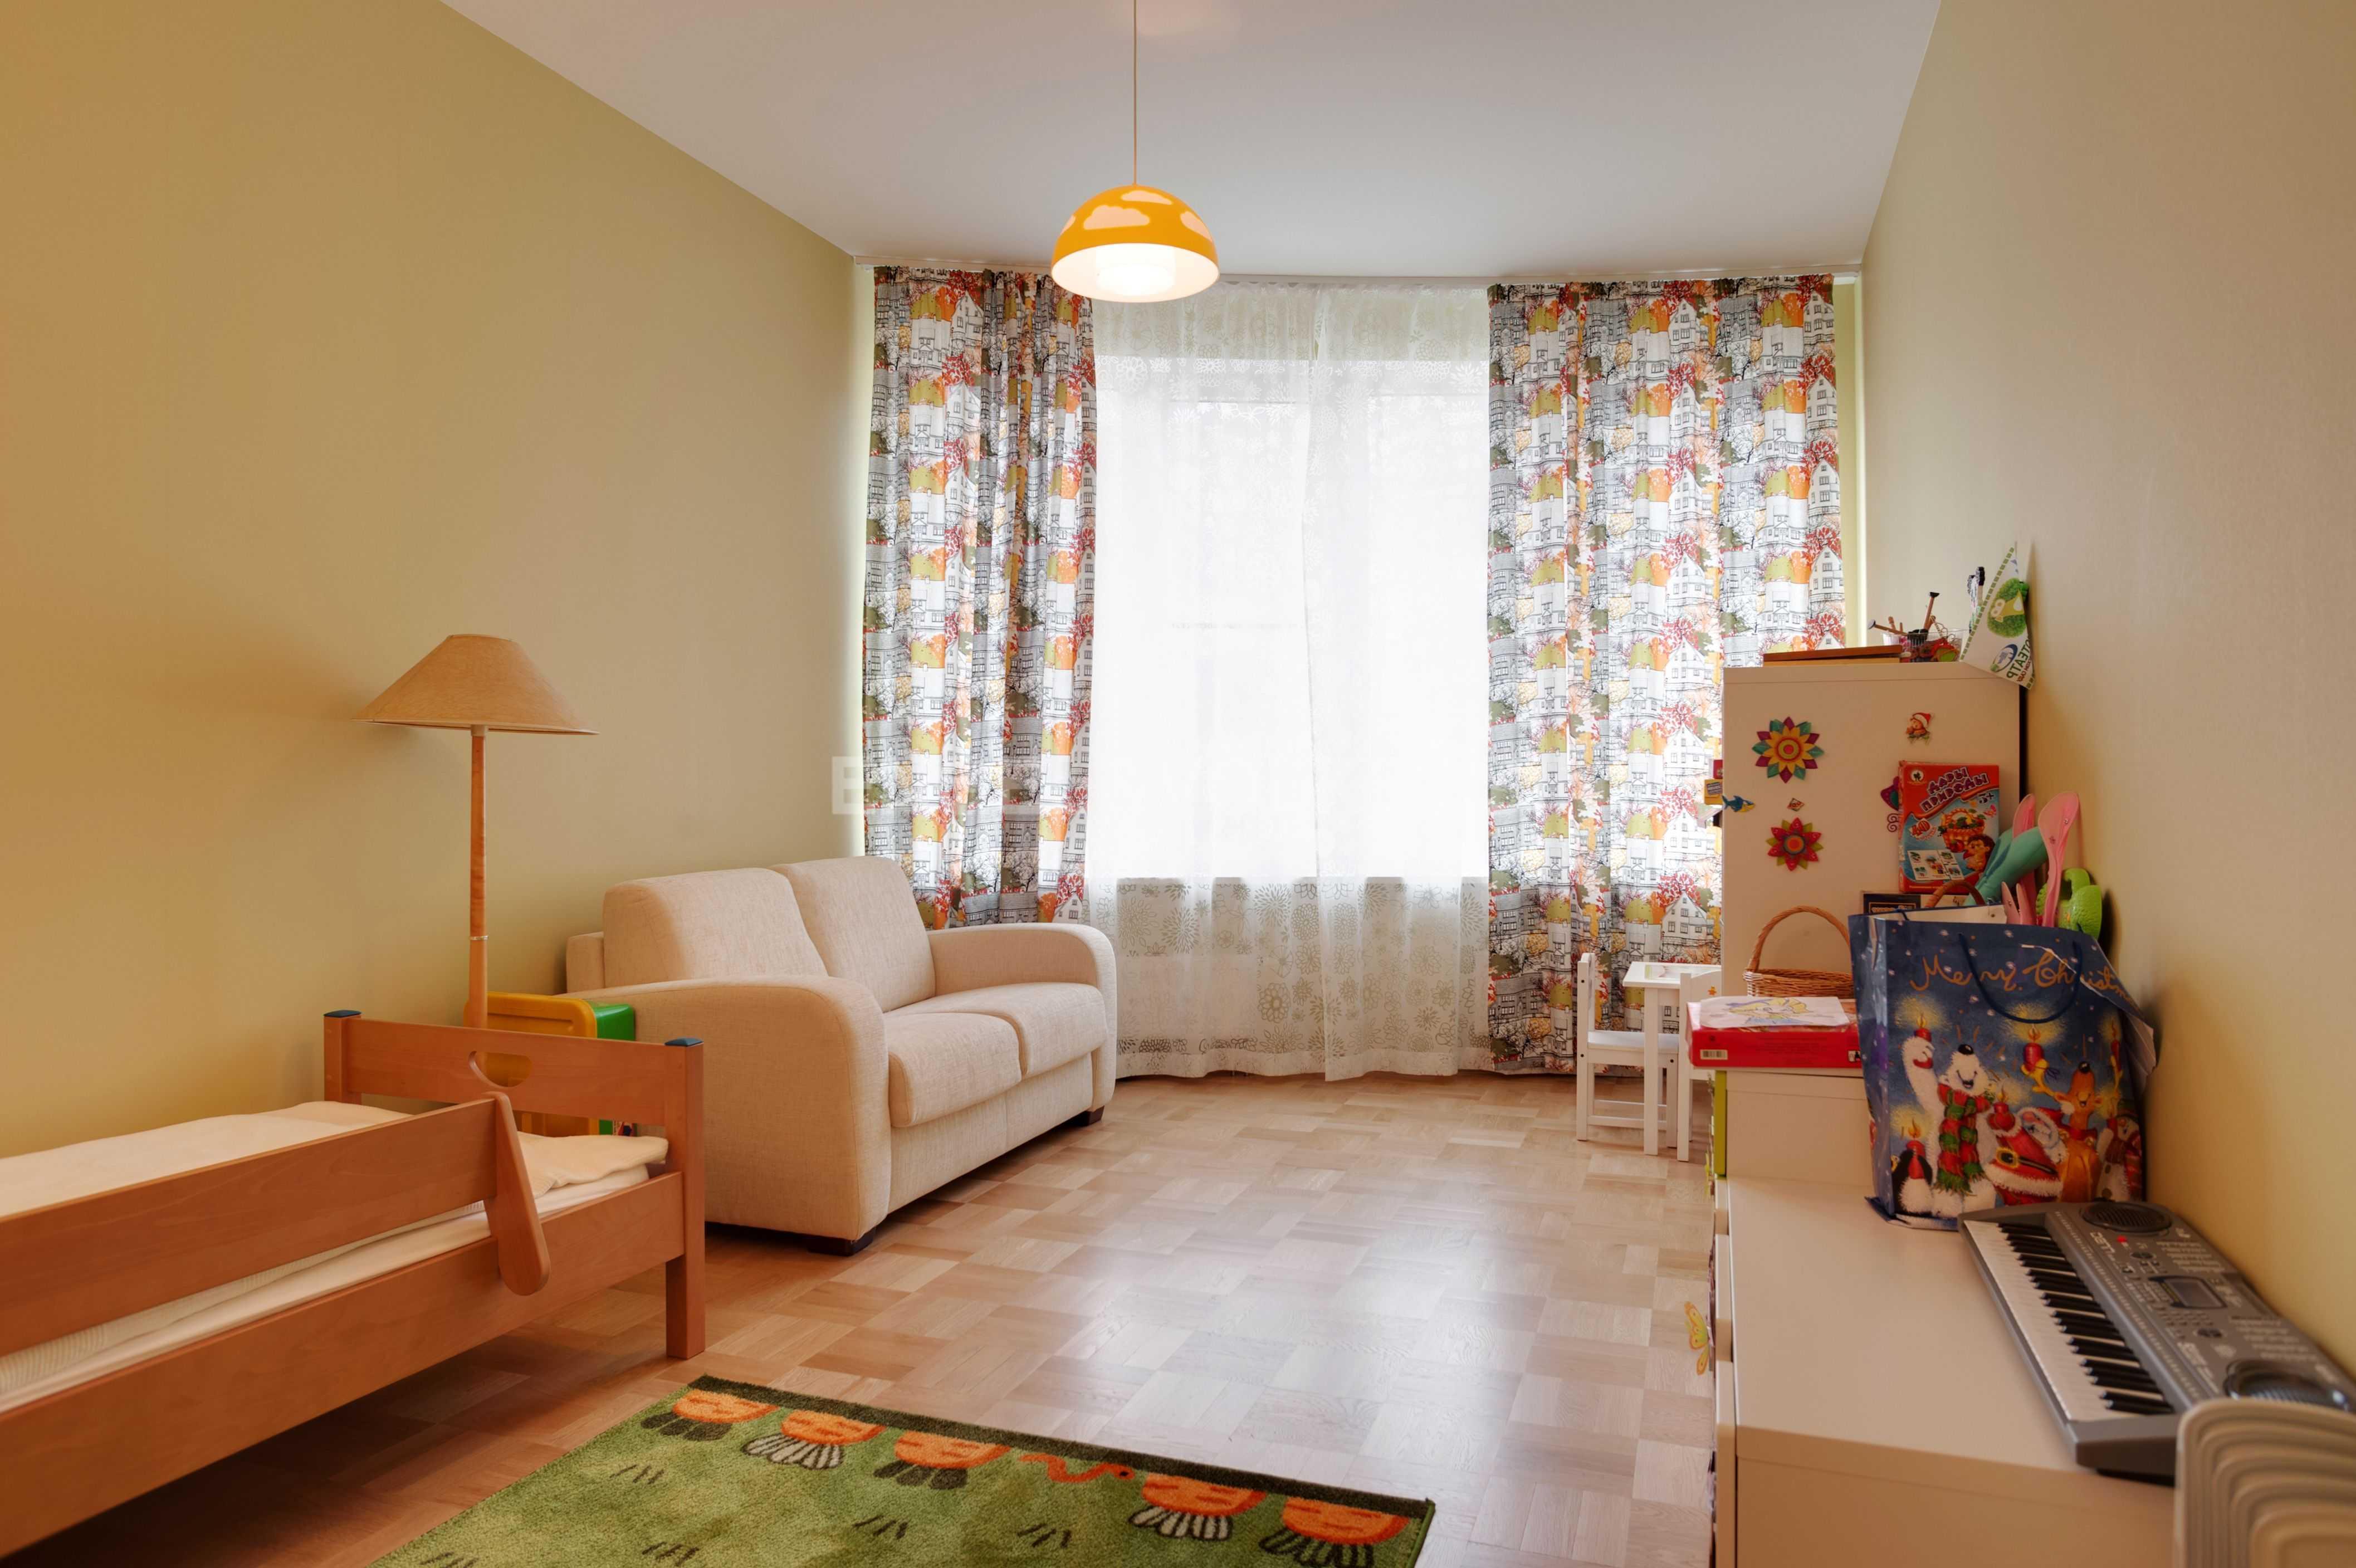 Элитные квартиры в Центральном районе. Санкт-Петербург, Тверская ул., 1A . Детская комната